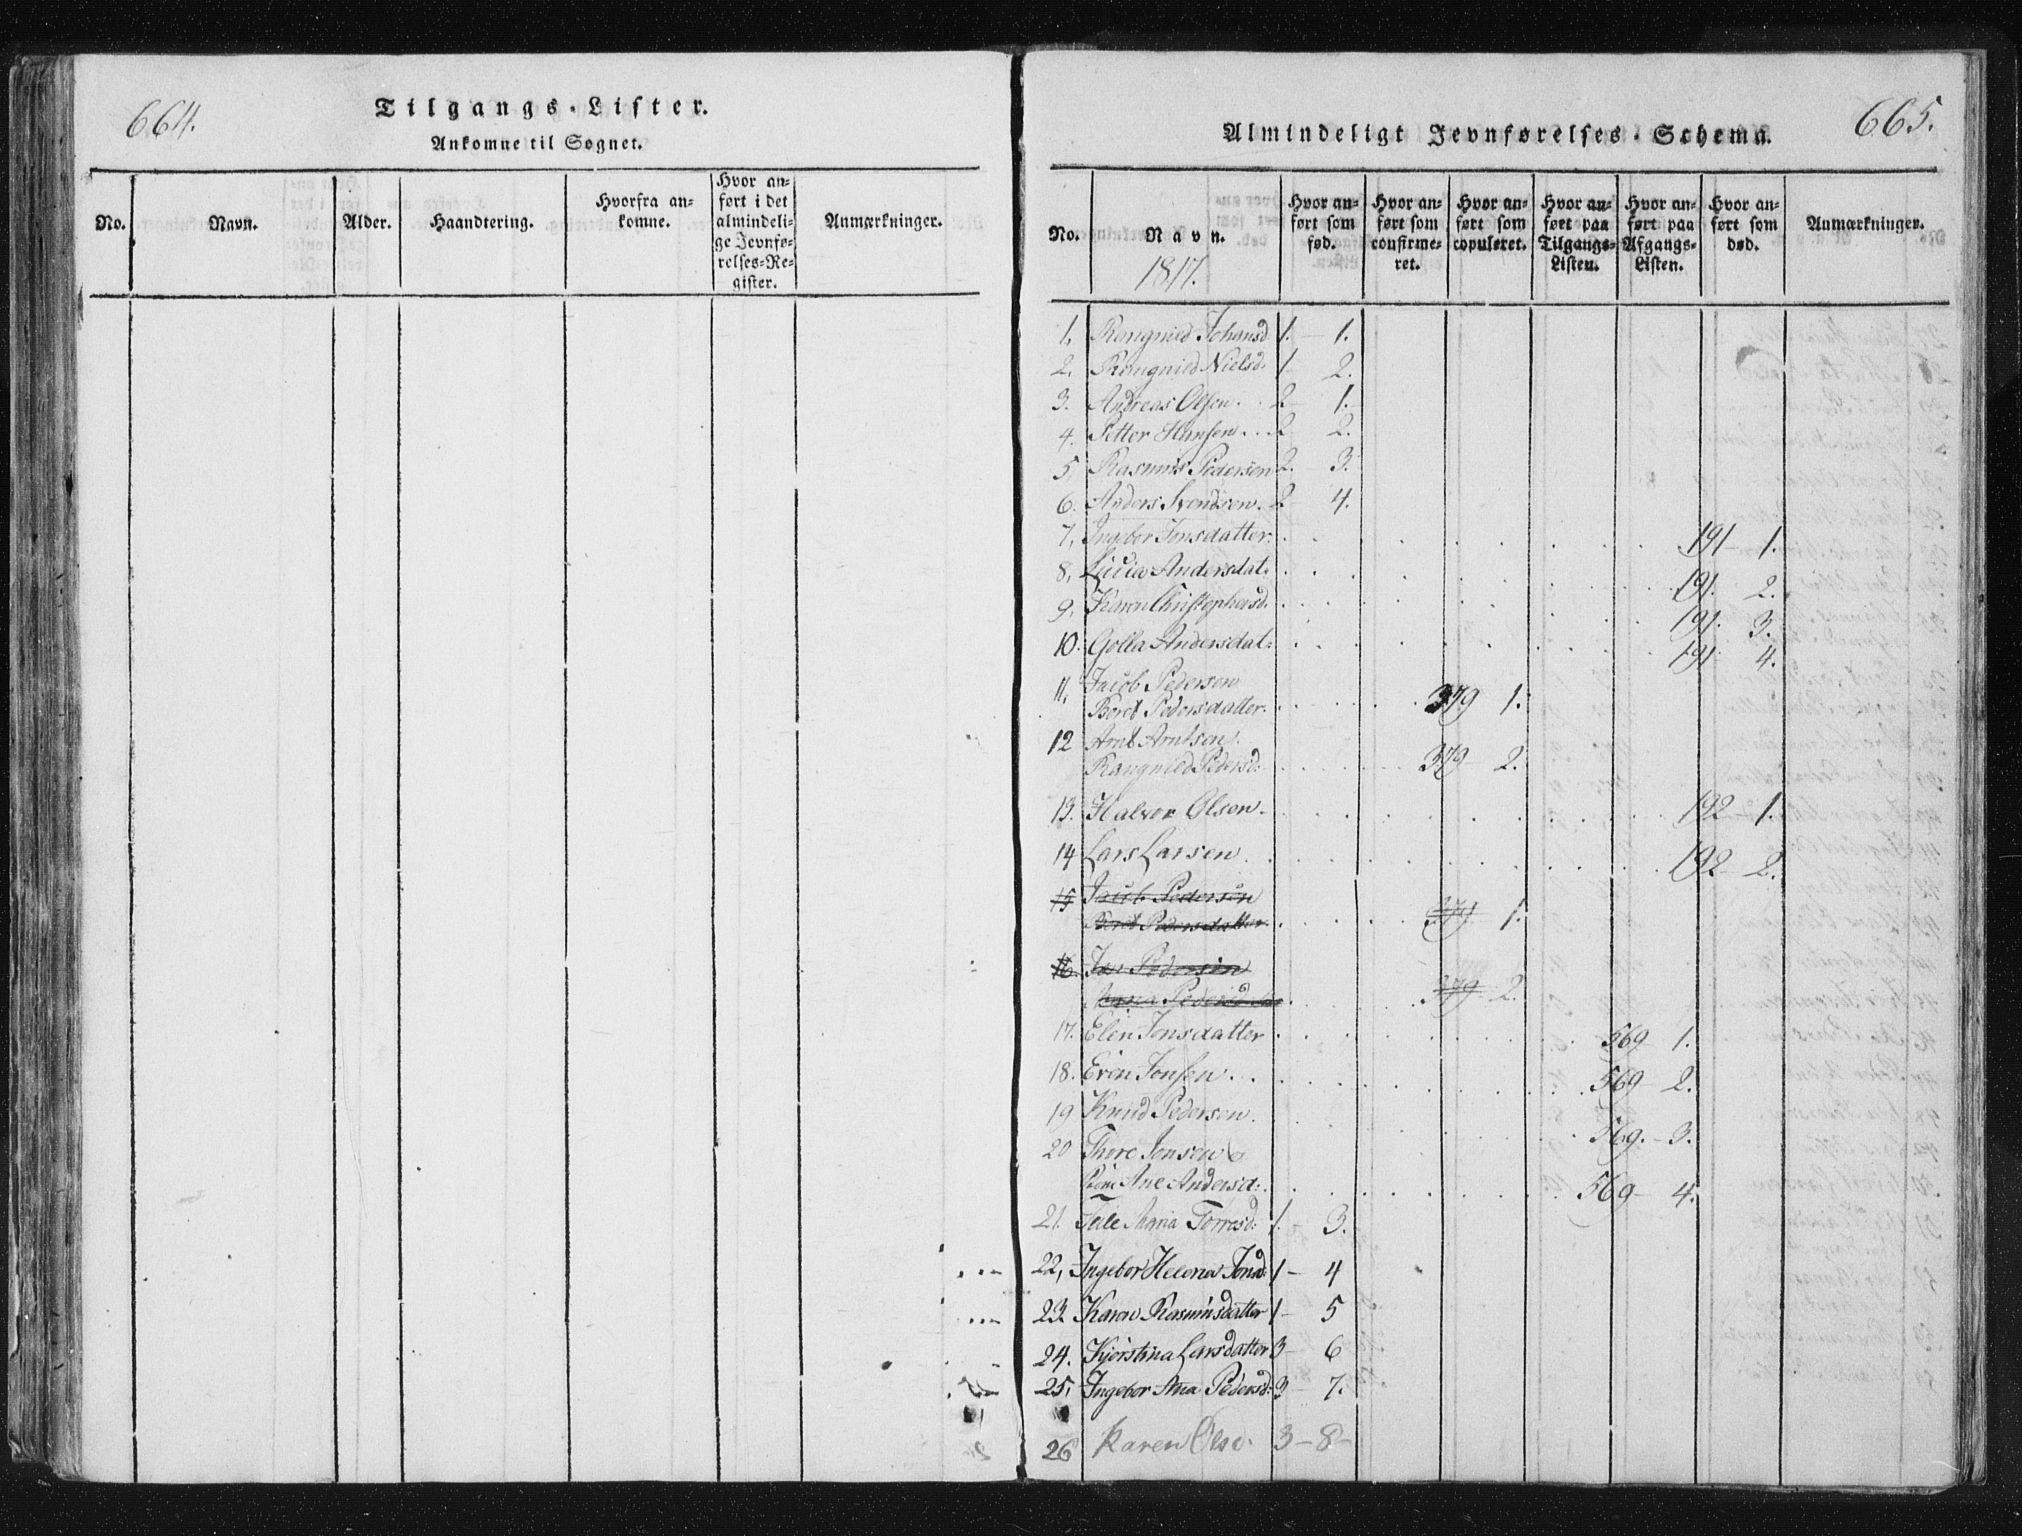 SAT, Ministerialprotokoller, klokkerbøker og fødselsregistre - Nord-Trøndelag, 744/L0417: Ministerialbok nr. 744A01, 1817-1842, s. 664-665